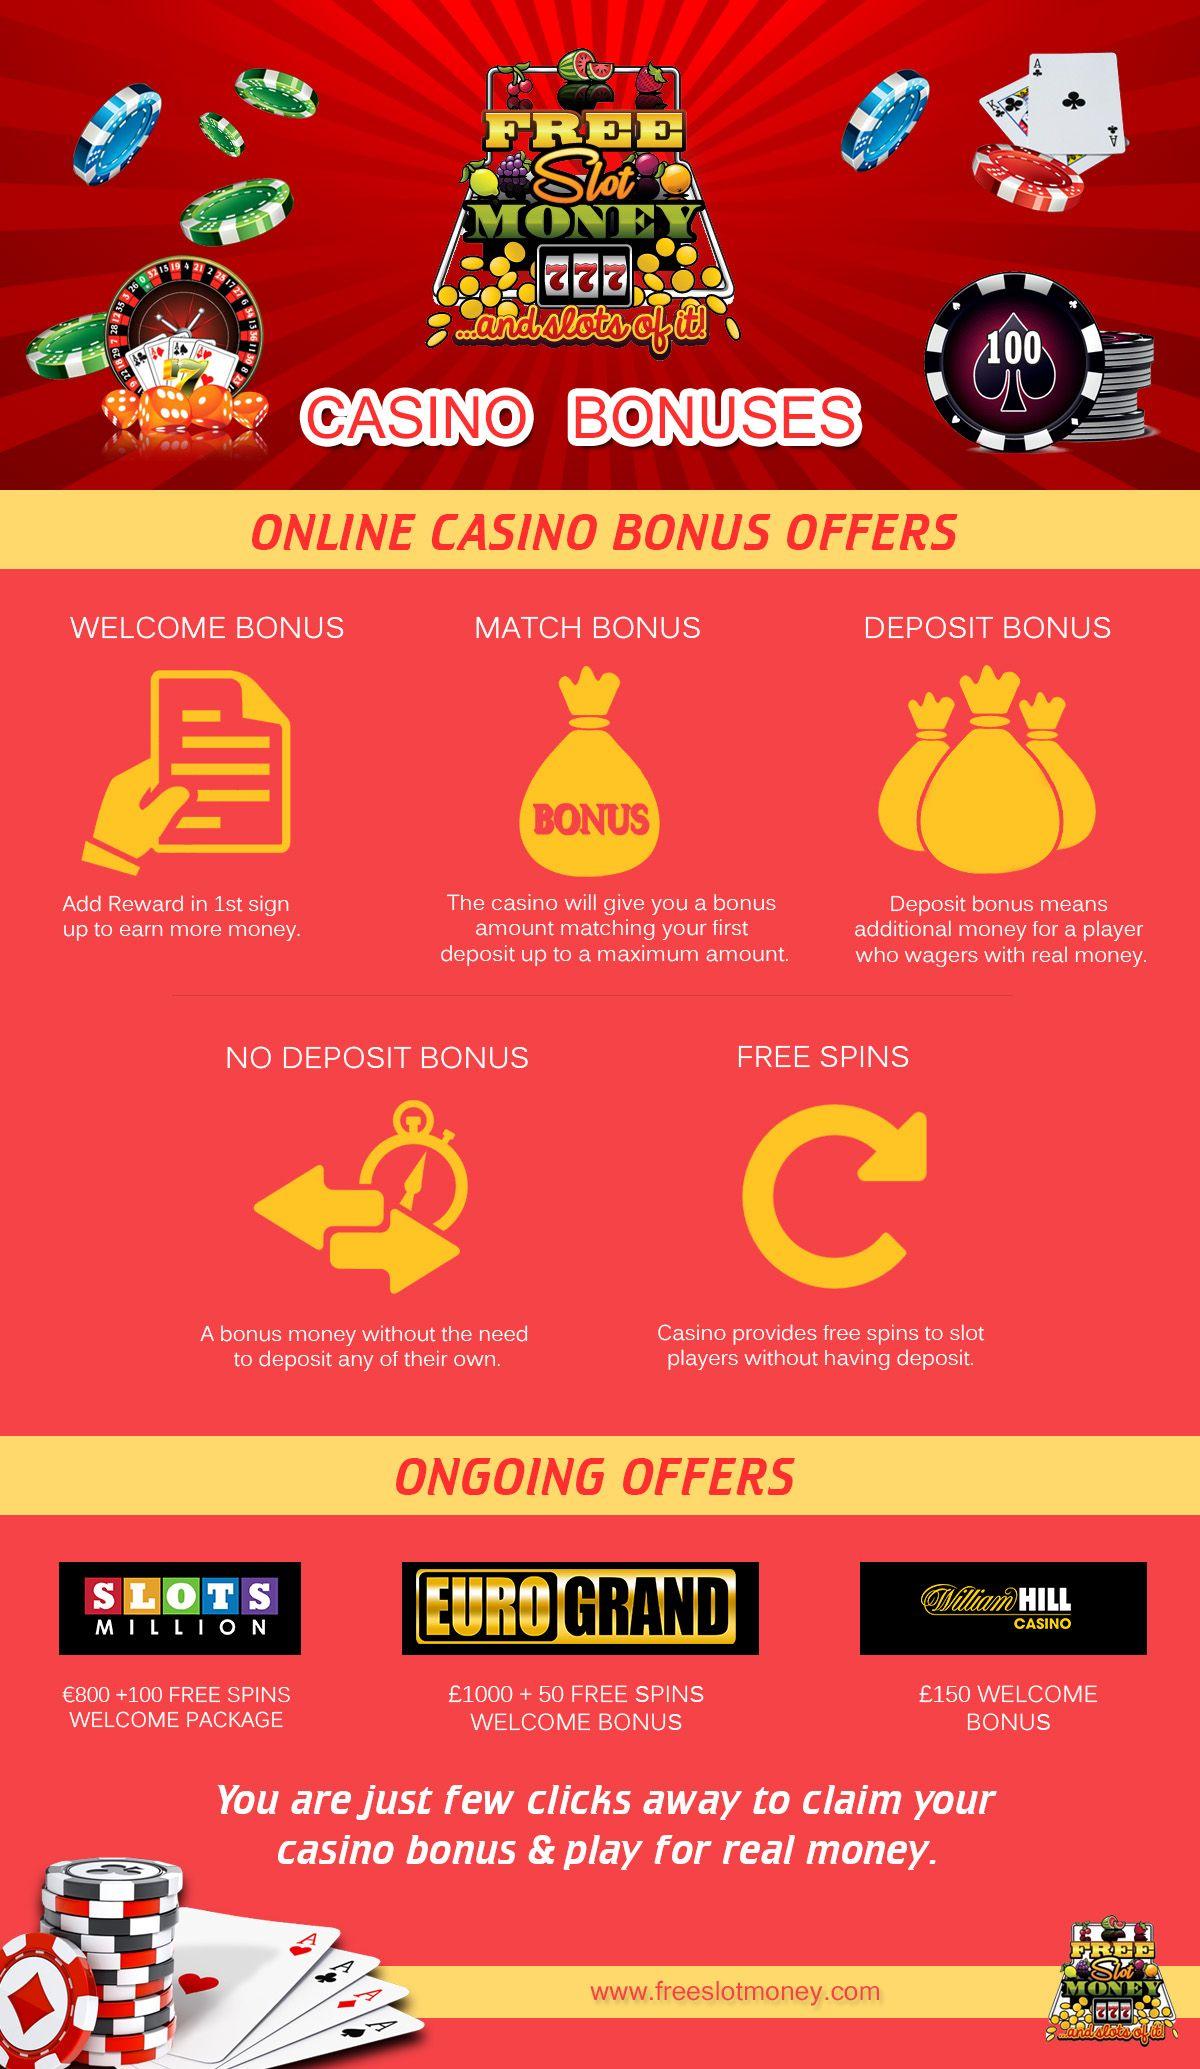 Grosse gewinn casino